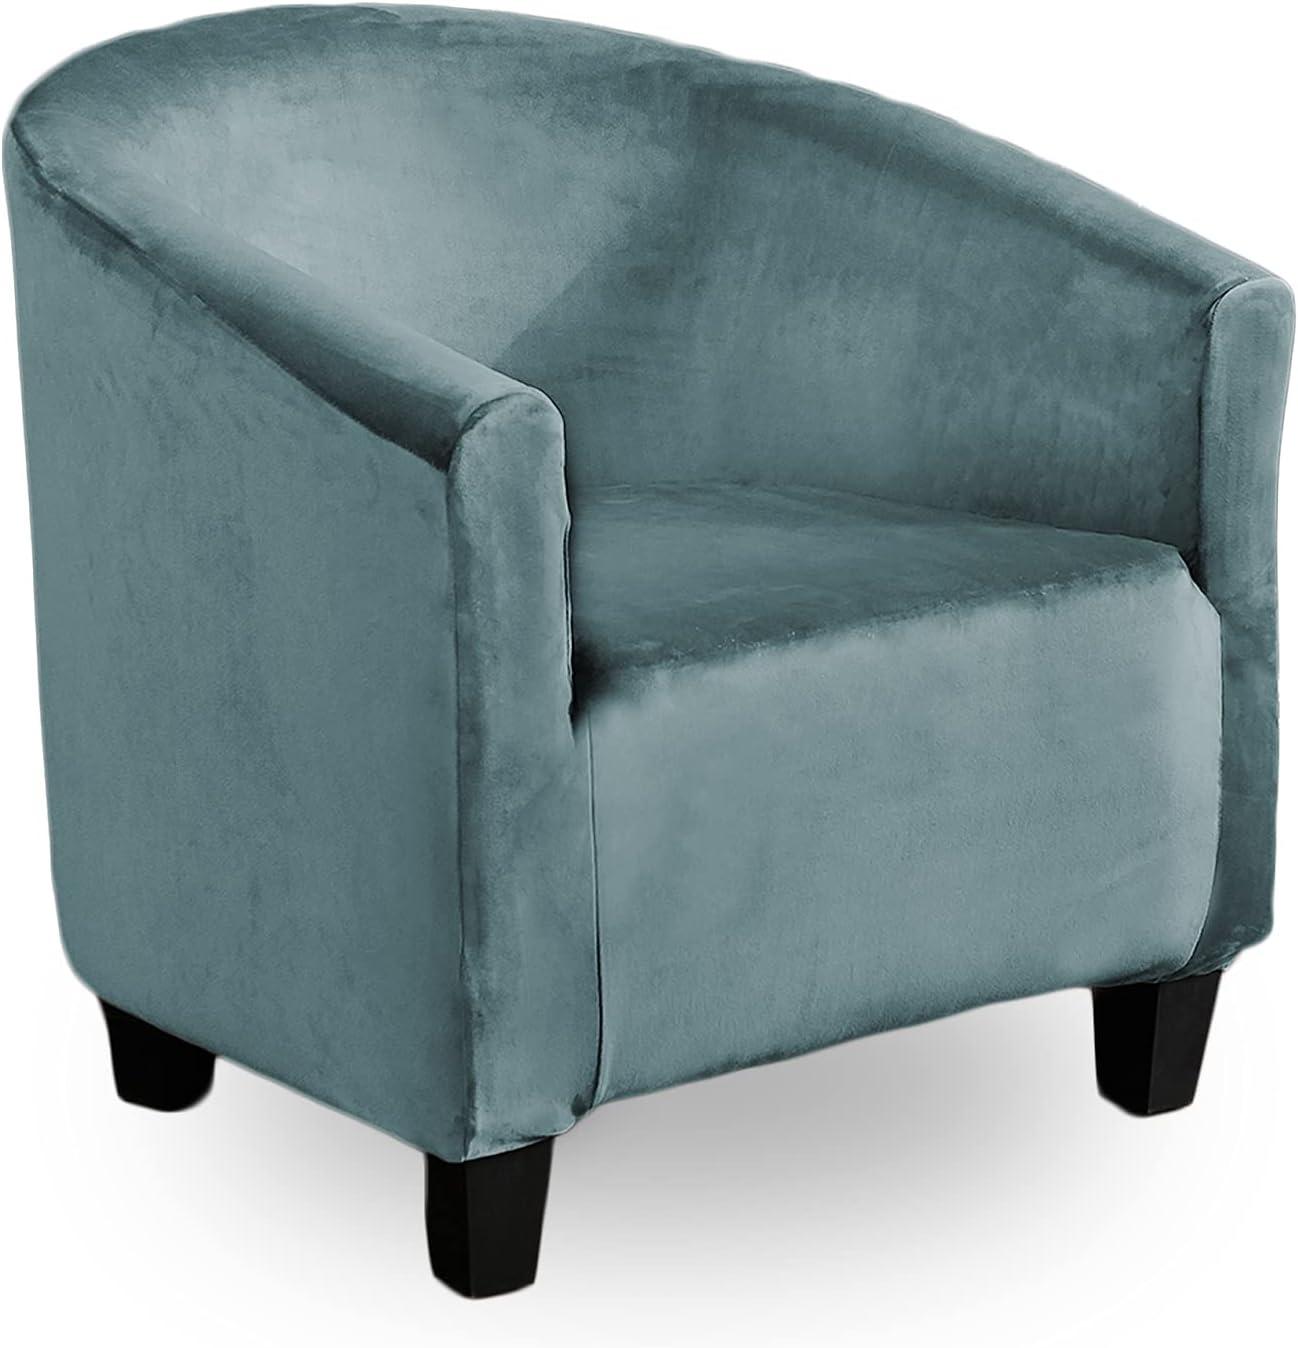 ZC MALL Velvet Club Chair Slipcover,High Stretch Fleece Tub Chair Slipcovers,Stylish Luxury Furniture Covers Velvet Plush Stretch Arm Chair Slipcover,Velvet-Stone Blue